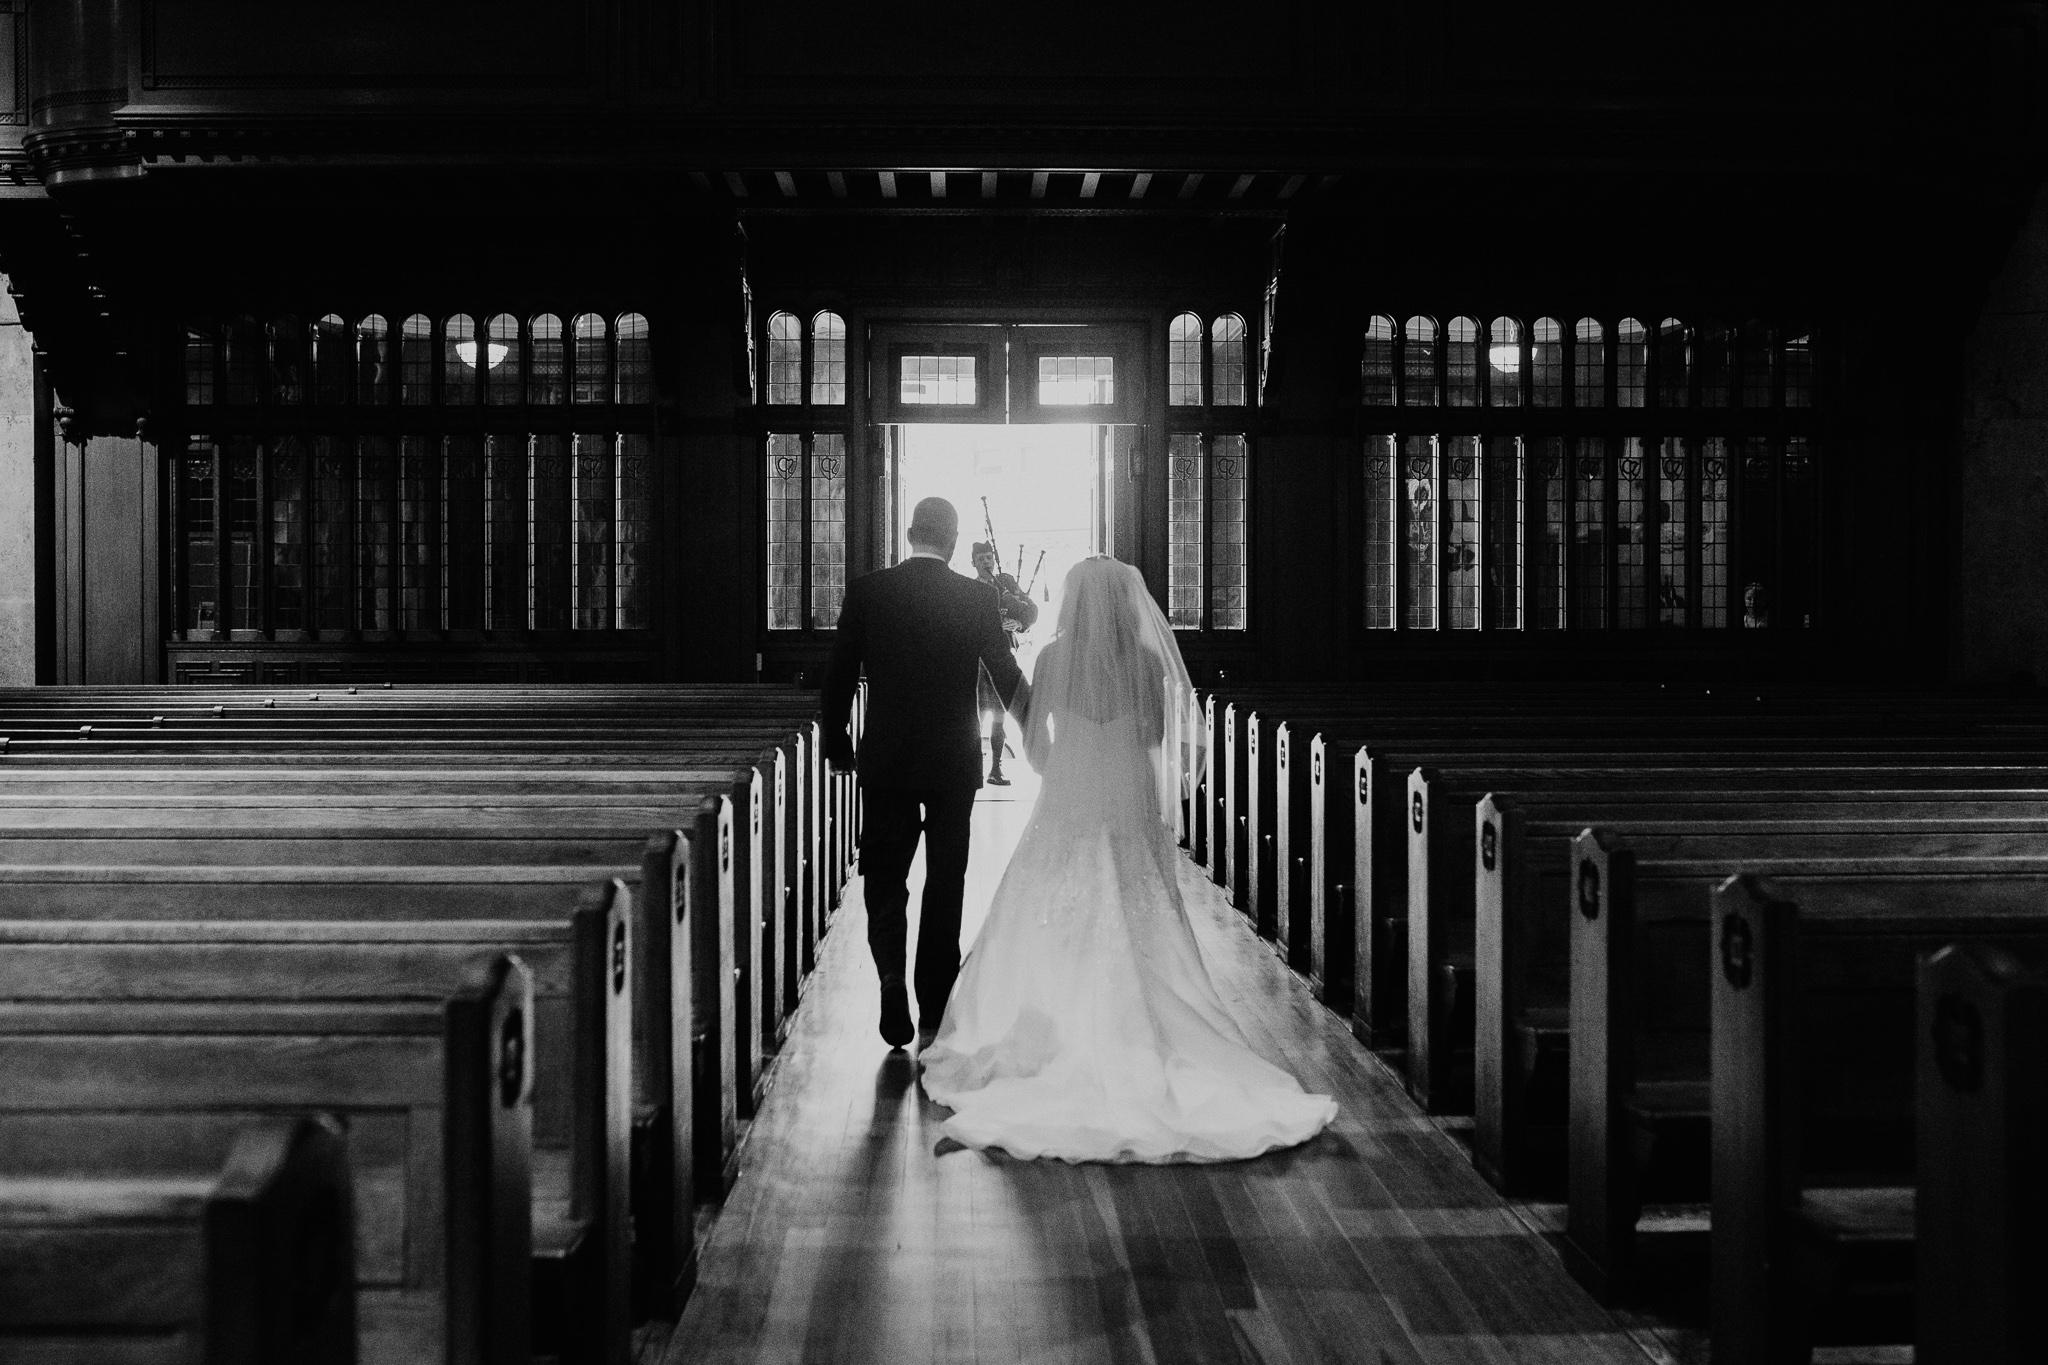 weddings-84.jpg